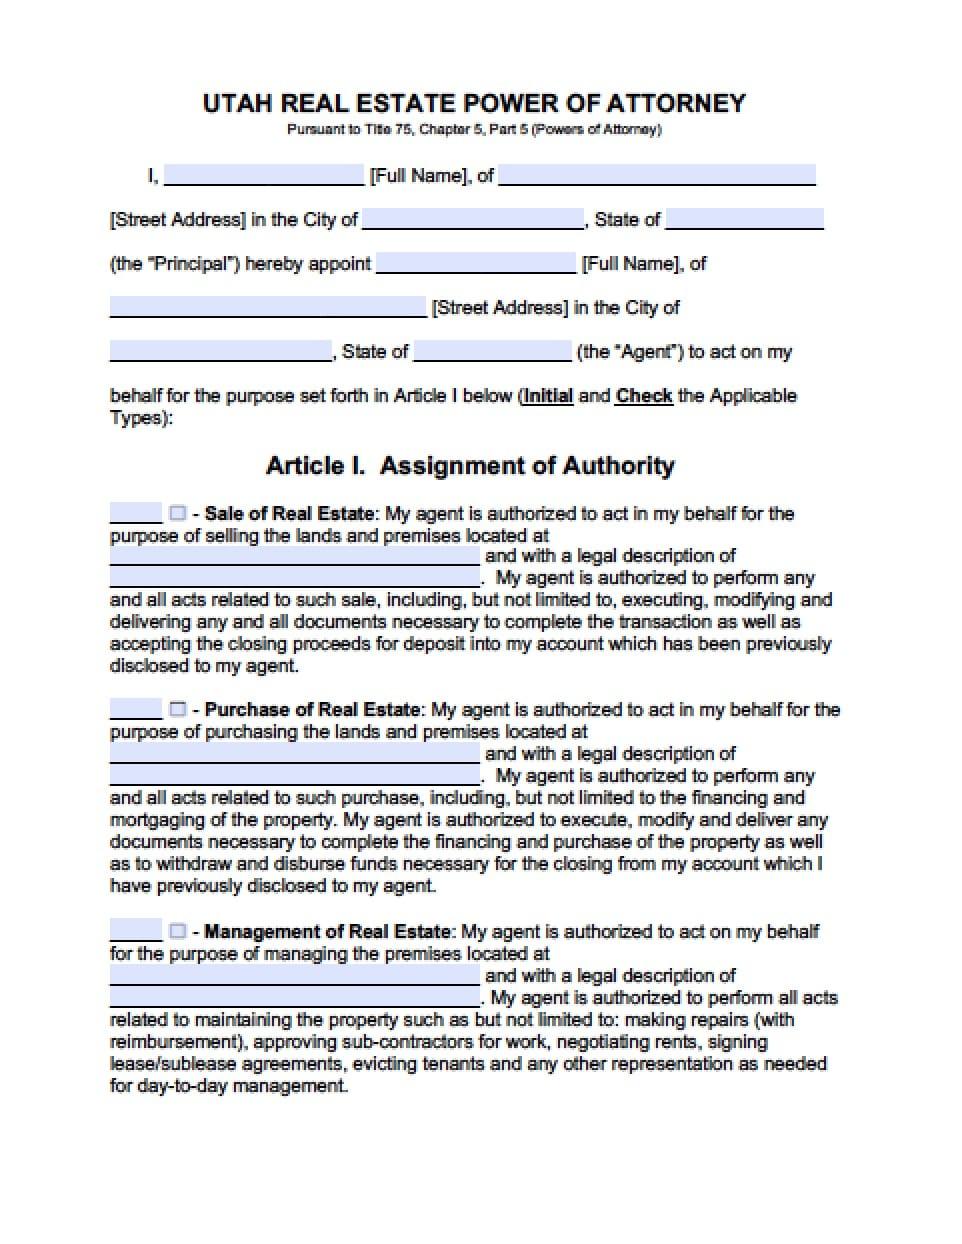 power of attorney form utah medical  Utah Medical Power of Attorney Form - Power of Attorney ...